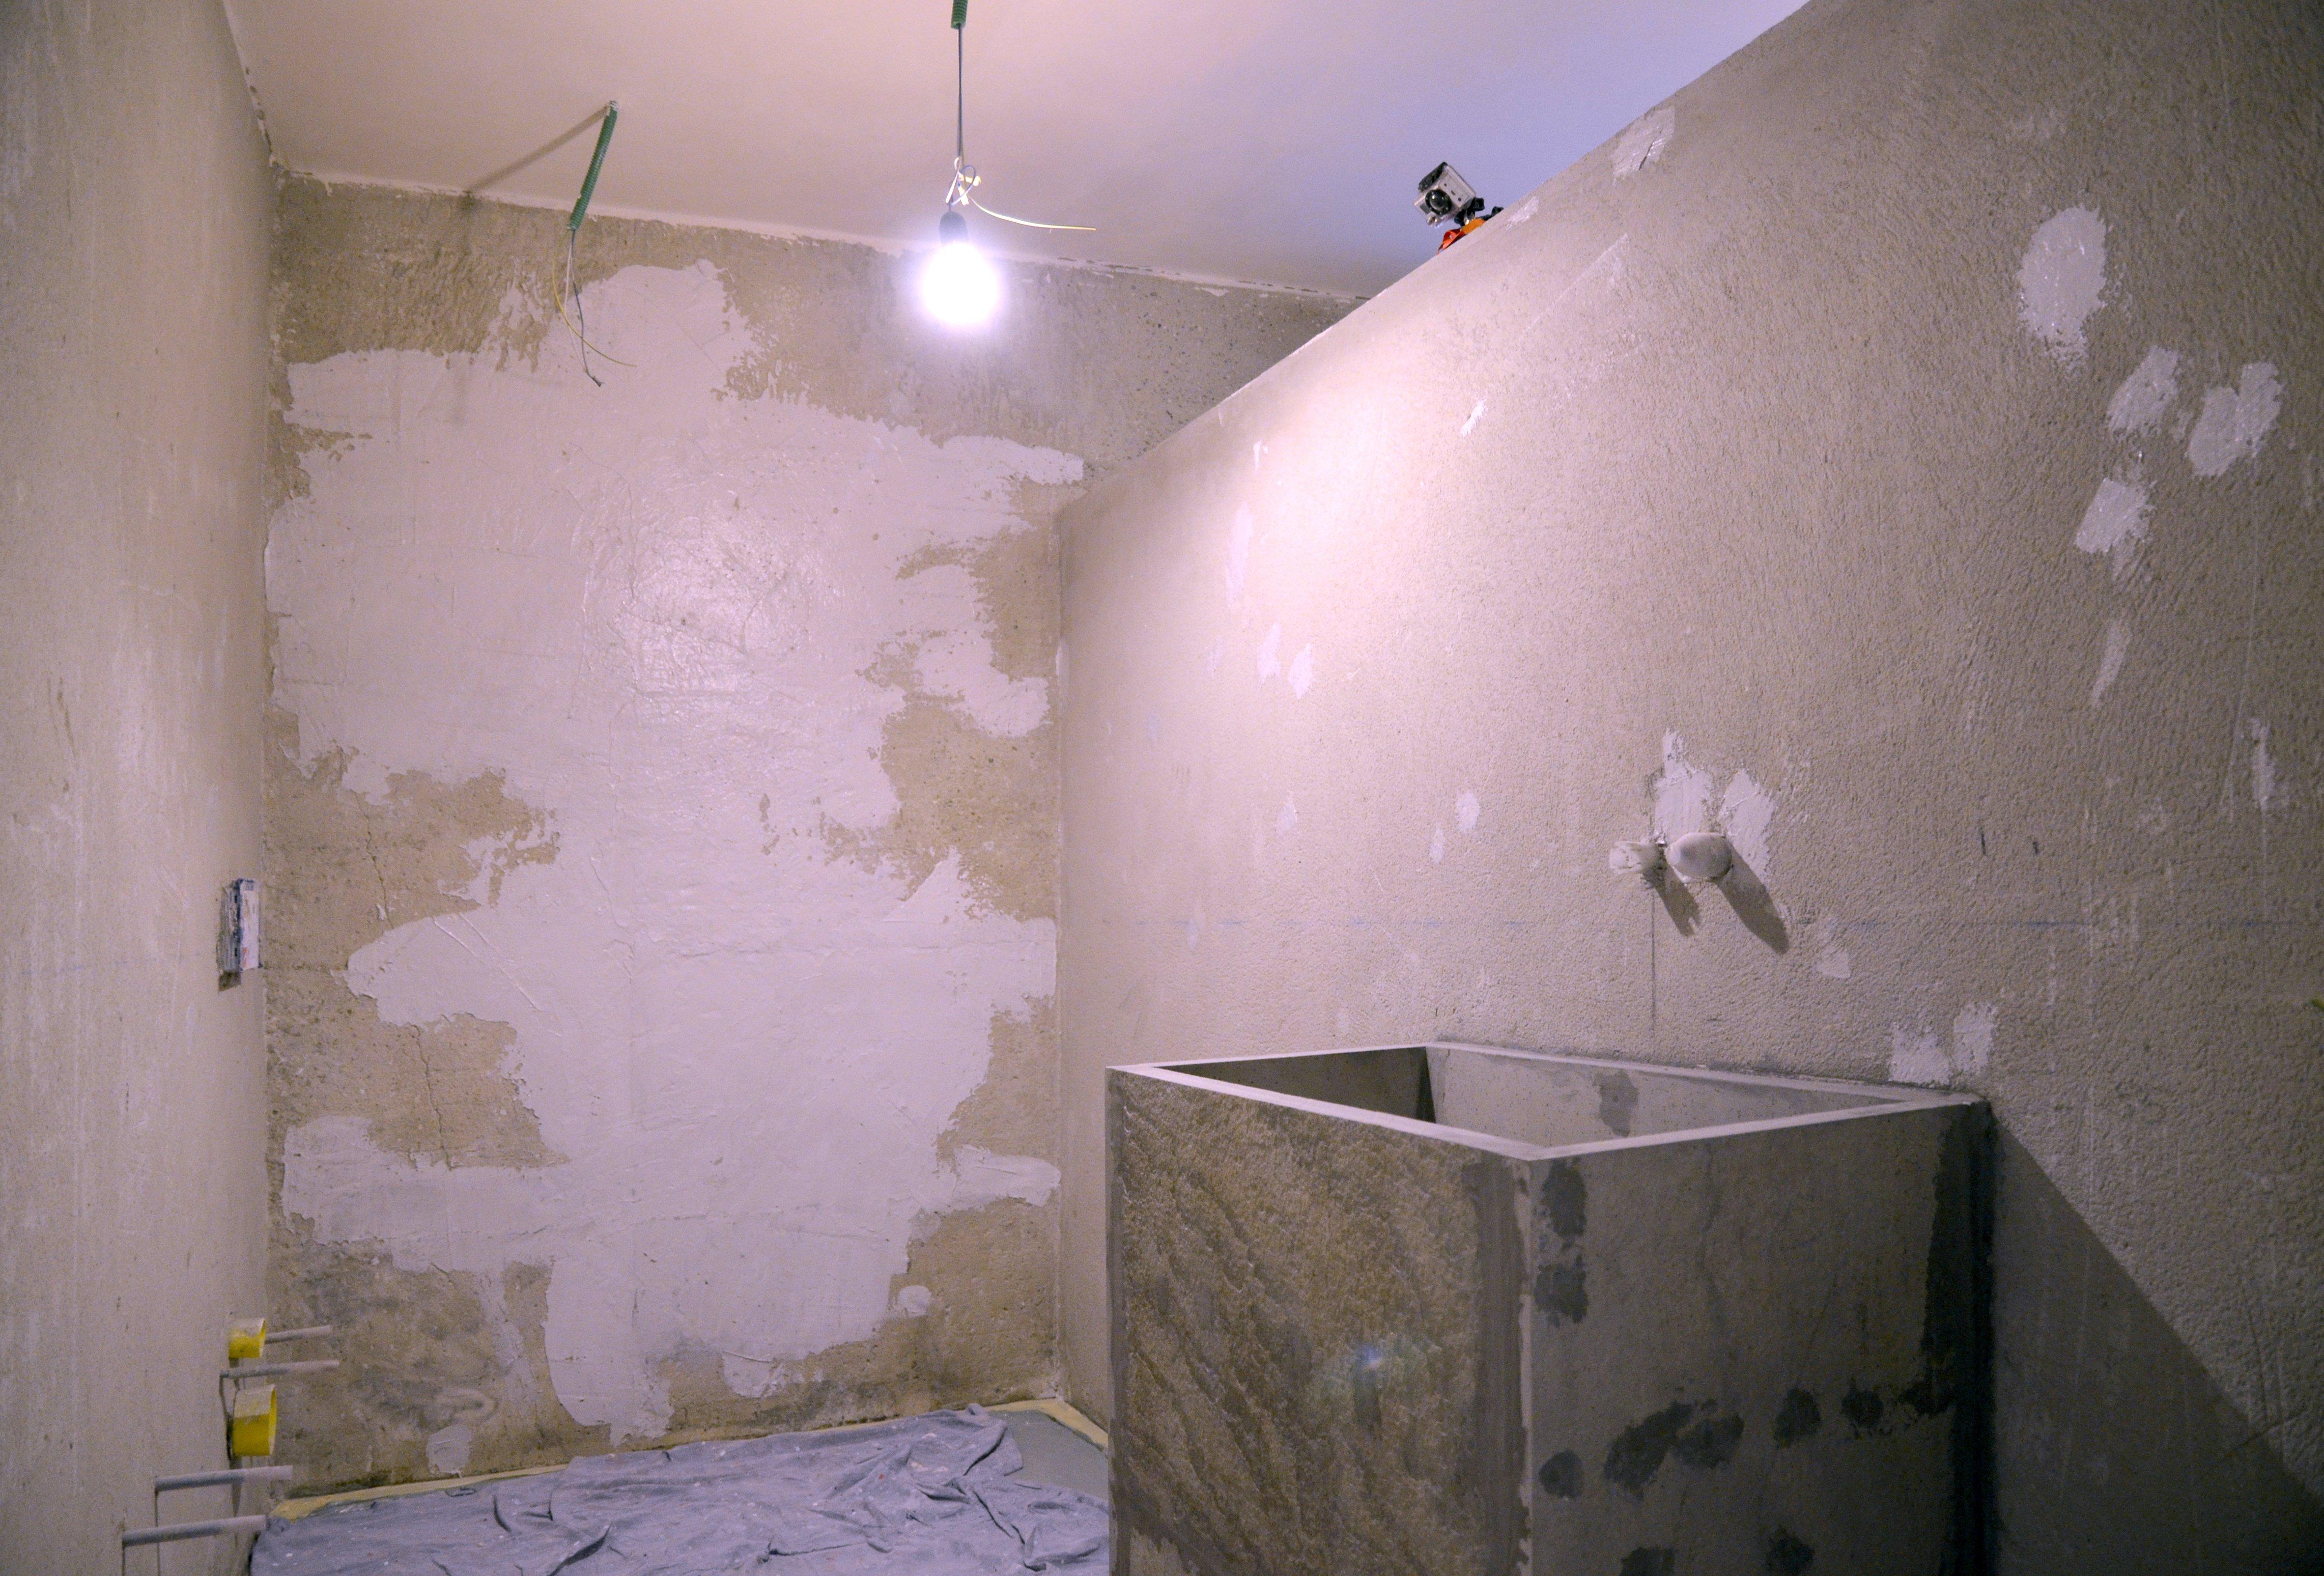 In bagno décor a parete: senza le piastrelle e contenendo i costi